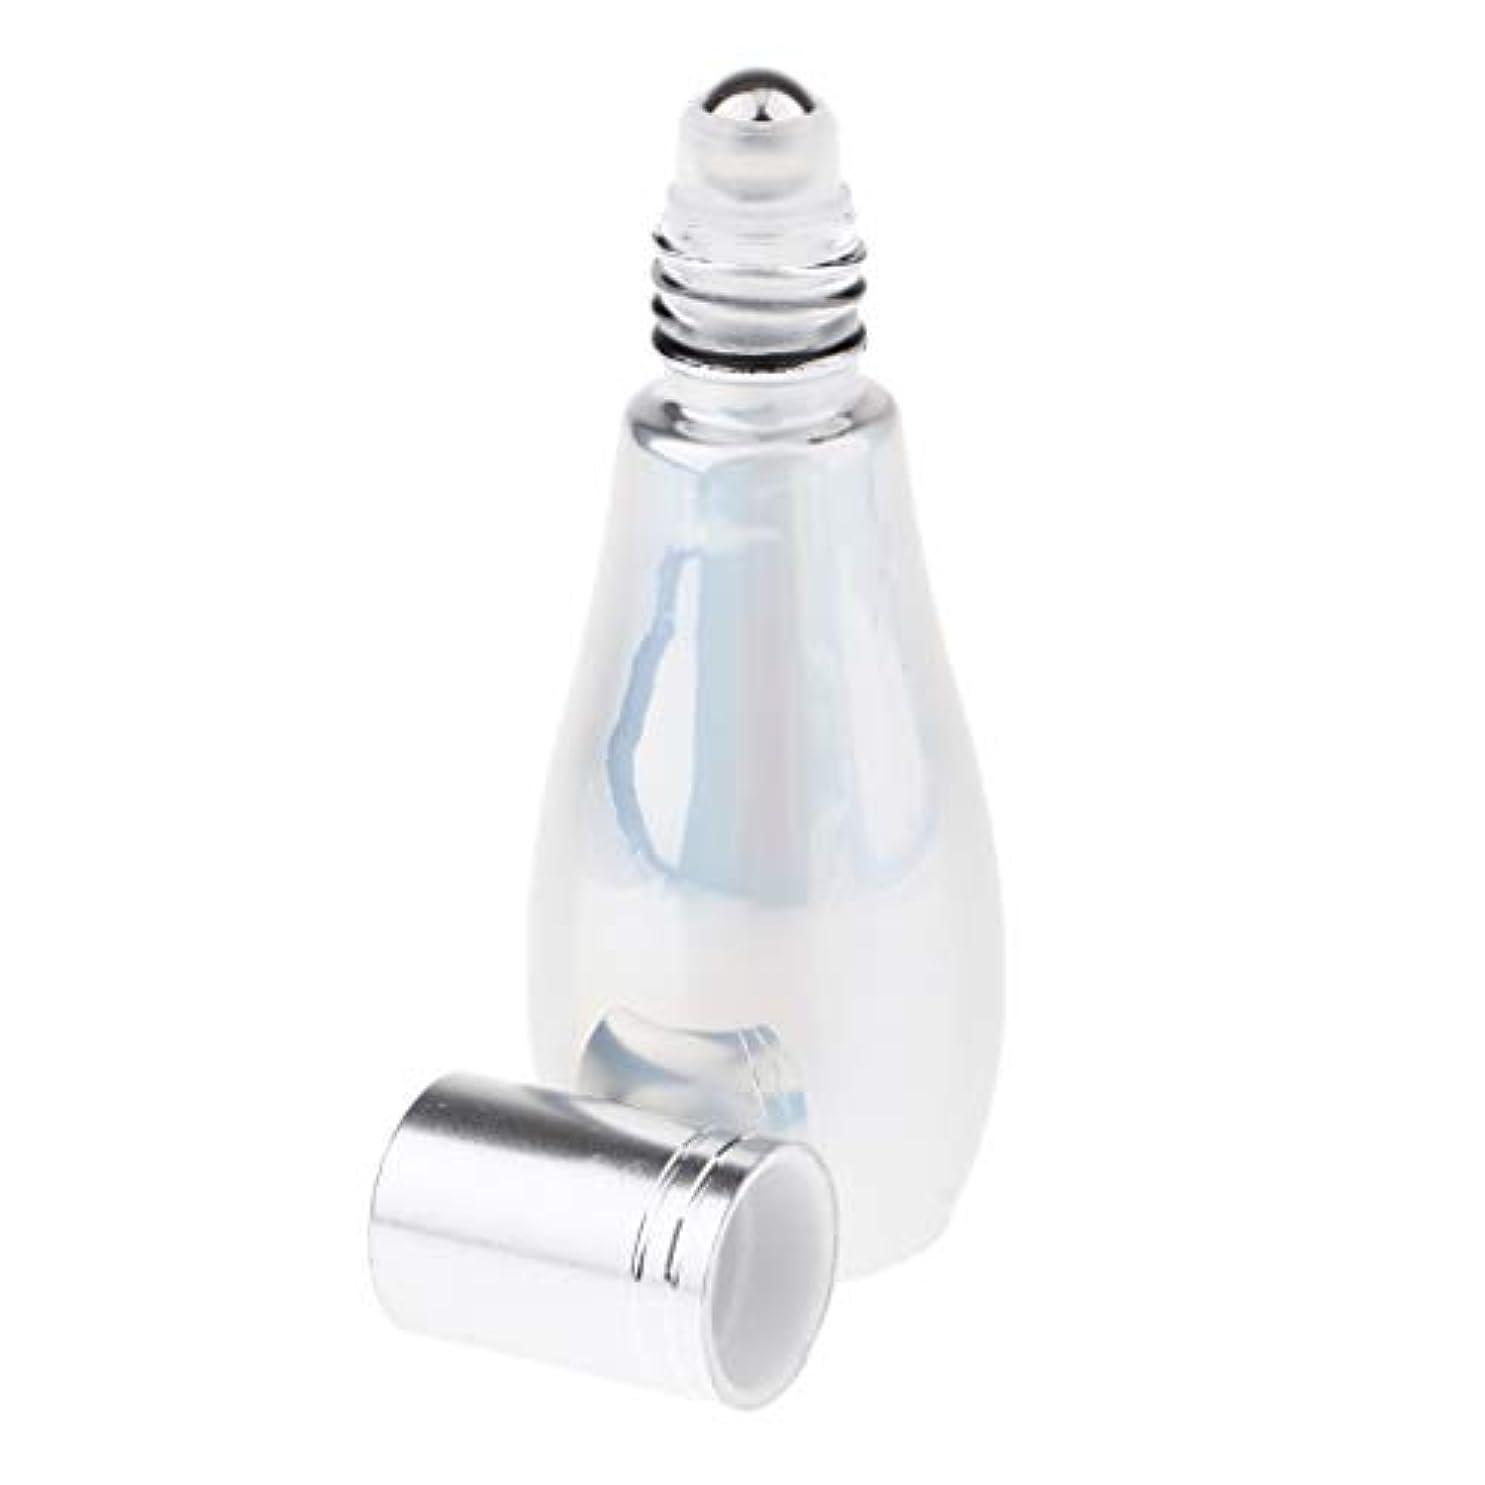 一杯うつ要求するT TOOYFUL 香水 ロールオン アトマイザー 小分けボトル 香水ボトル ローラーボール ガラス 全2タイプ - ローラー